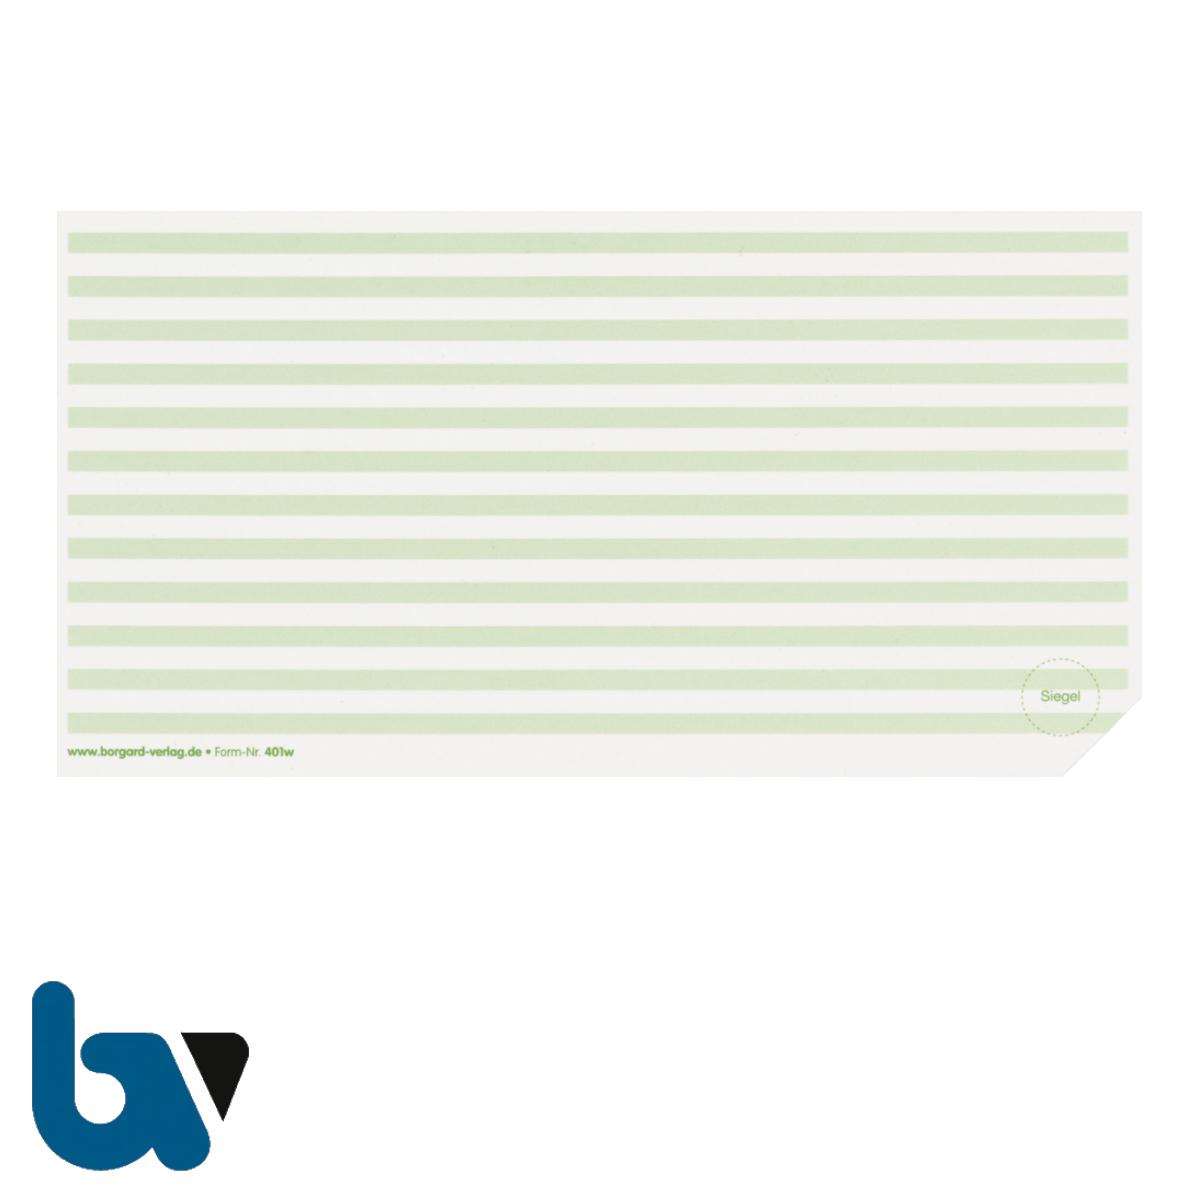 401 w Beiblatt Zulassungsbescheinigung Teil 1 Fahrzeugschein Neobond einfarbig grün 210 105 | Borgard Verlag GmbH